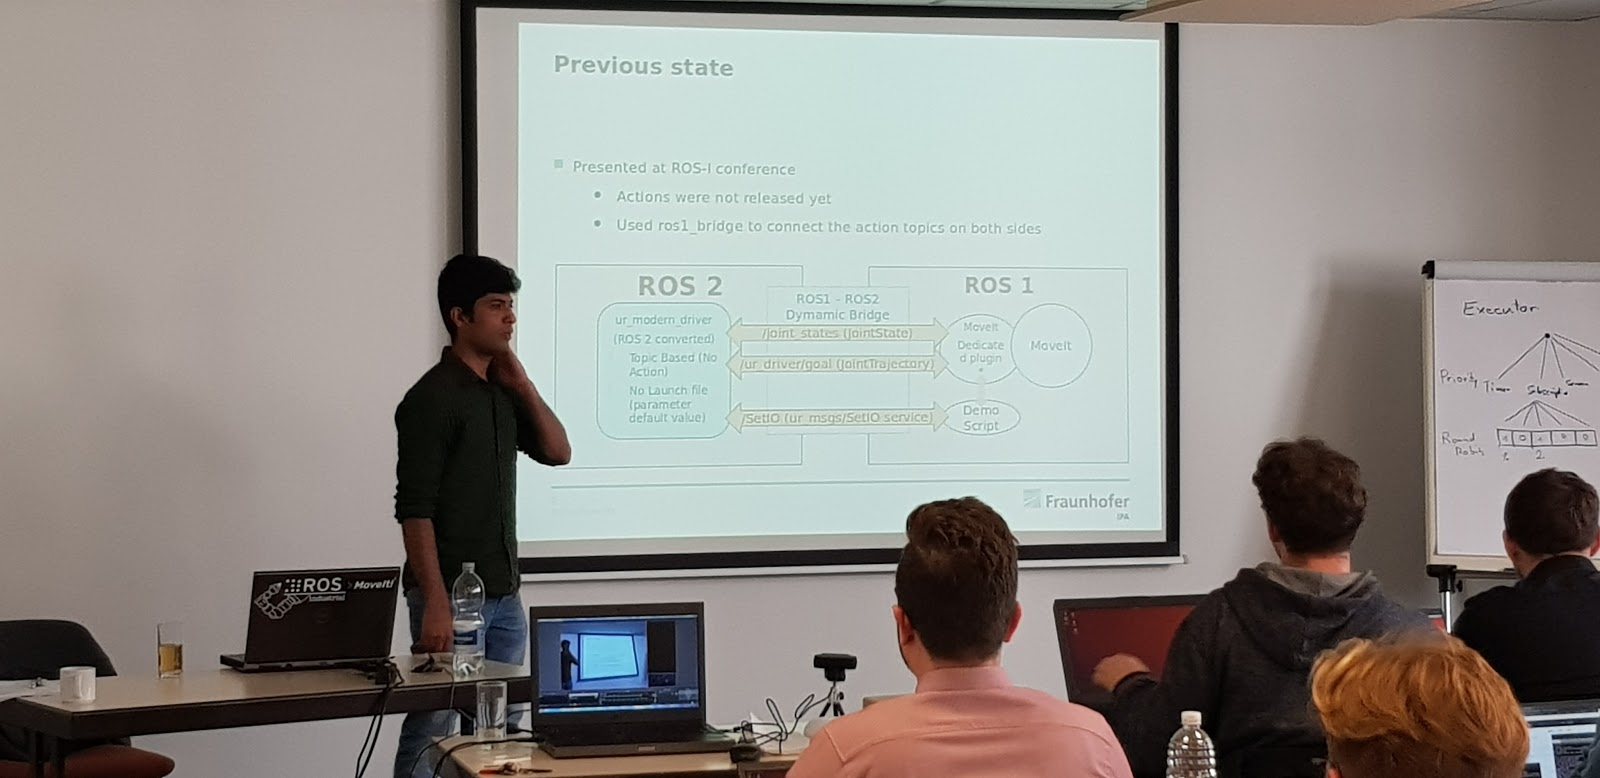 ROS-Industrial Consortium Europe is heading towards ROS2 — ROS